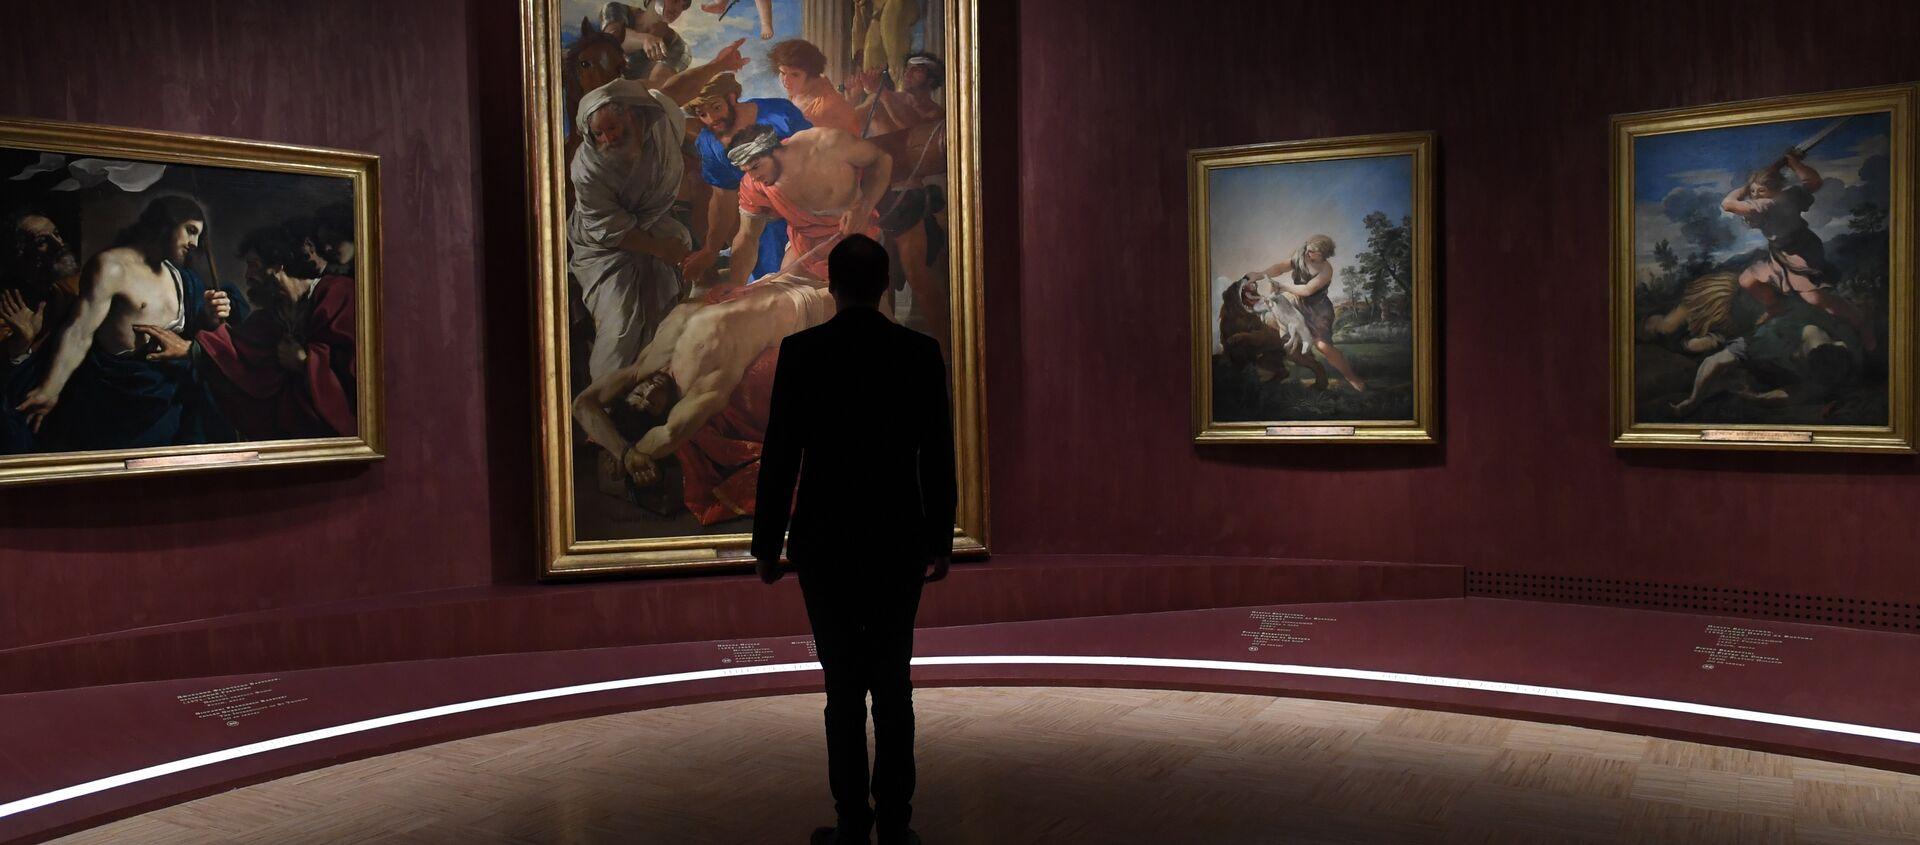 La più grande mostra al mondo della collezione dei Musei Vaticani Roma Aeterna a Mosca. - Sputnik Italia, 1920, 30.01.2021